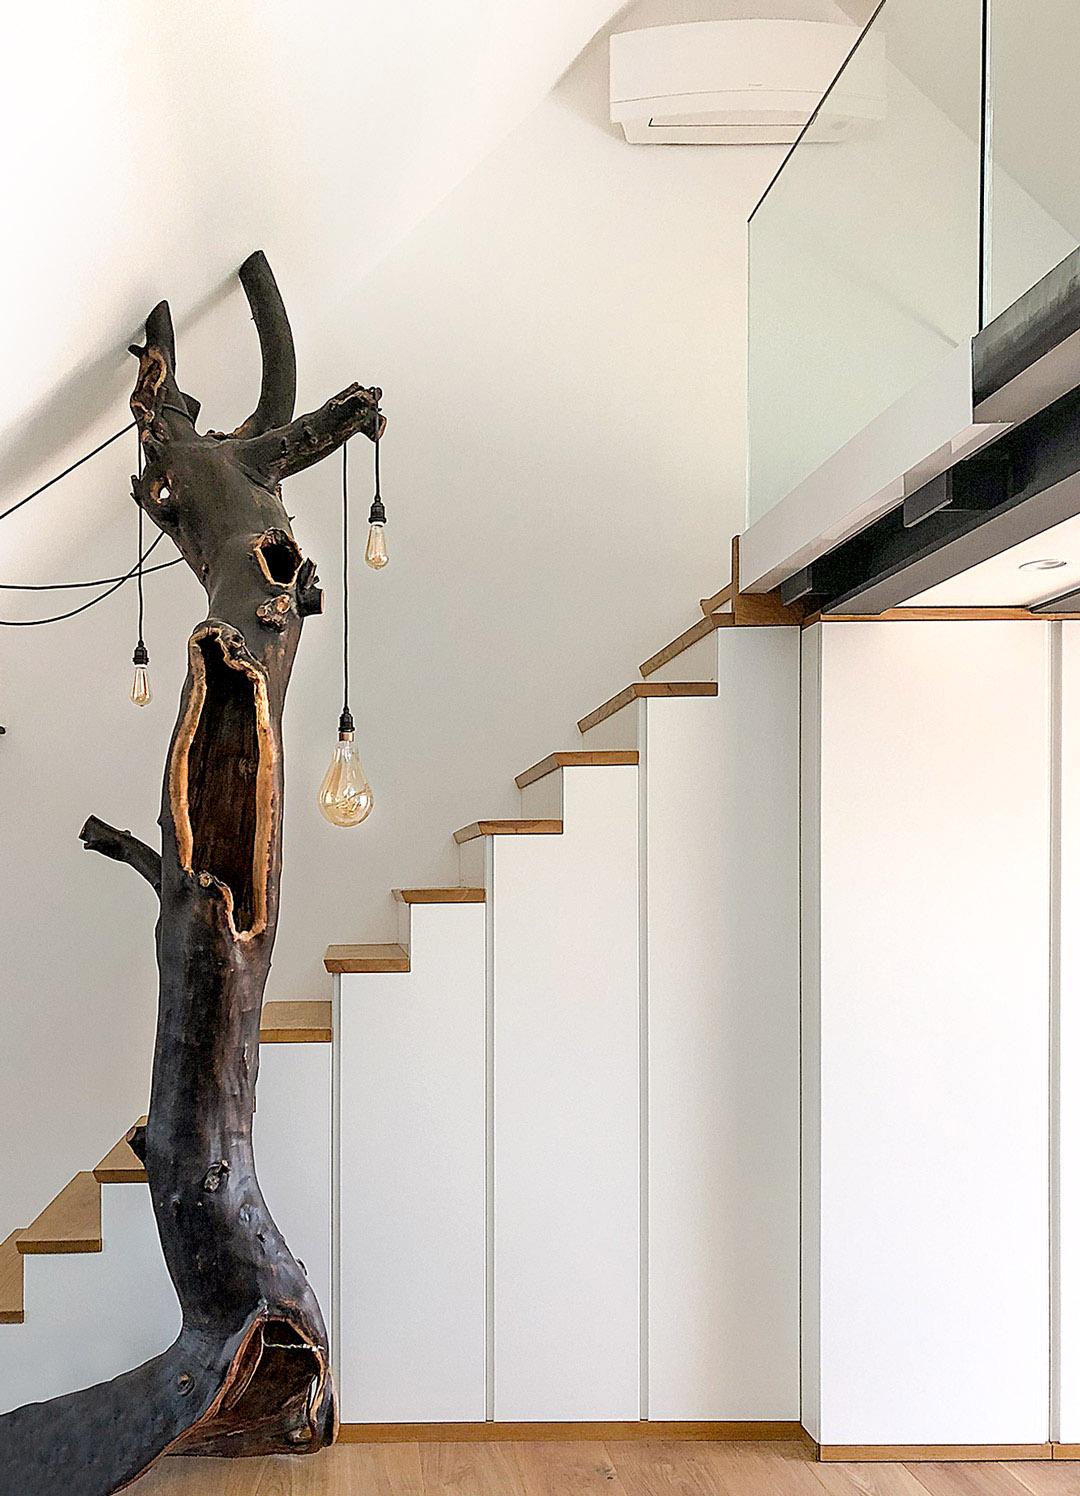 Maßgefertigte Treppe mit Schrankelementen, Altholzobjekt